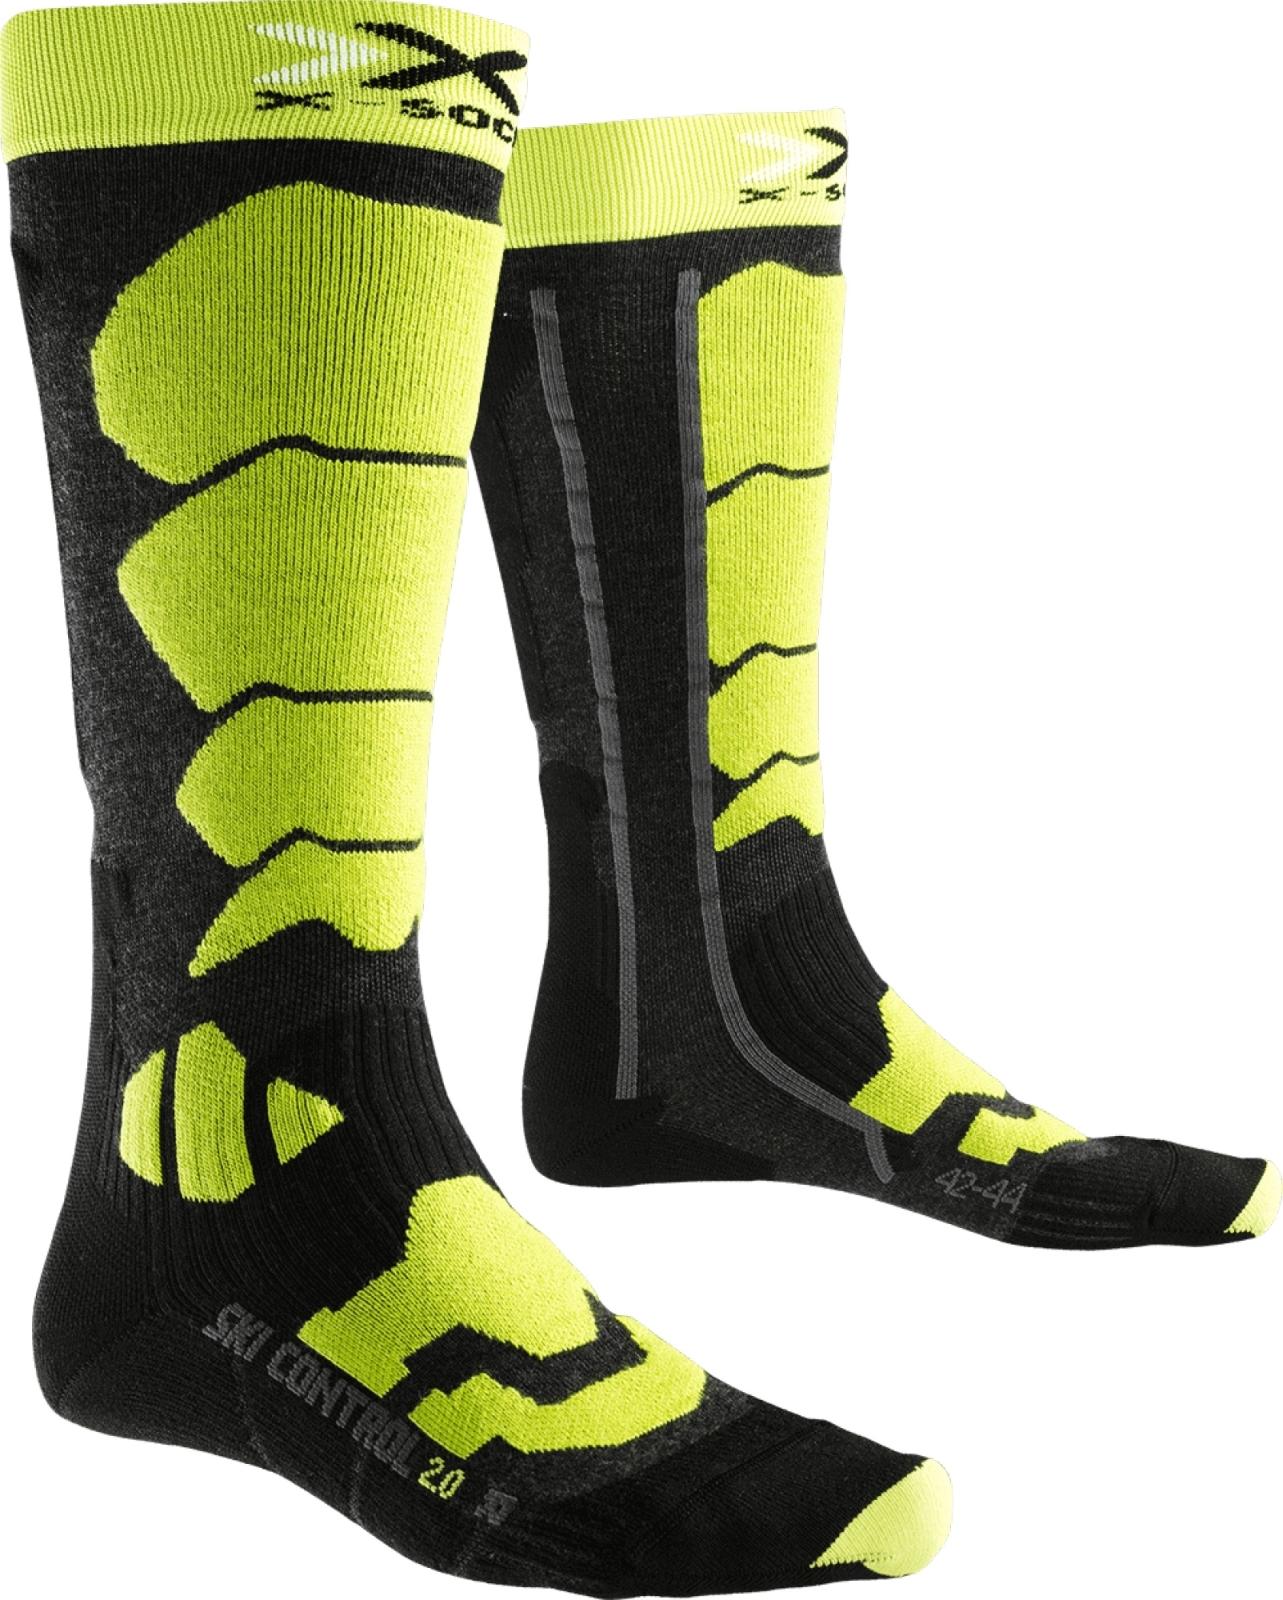 X-Socks Ski Control 2.0 Socks Men - Anthracite/Green Lime 39-41